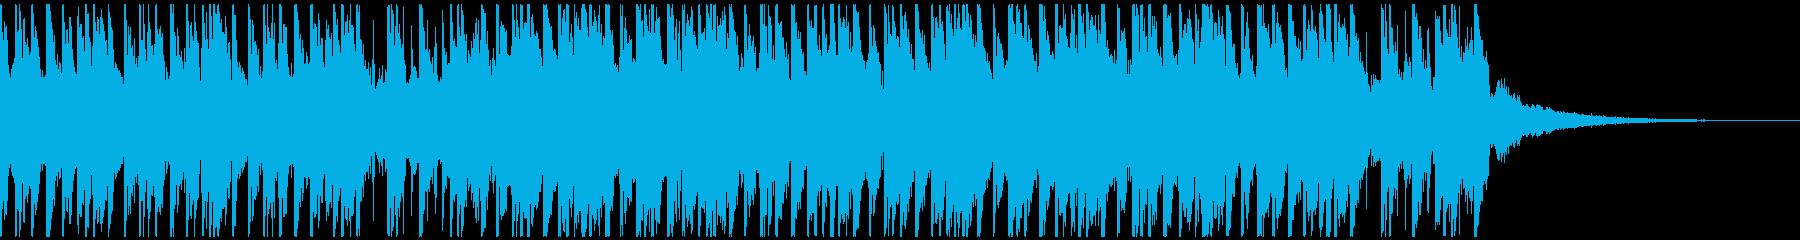 トロピカルハウスパーティー(30秒)の再生済みの波形